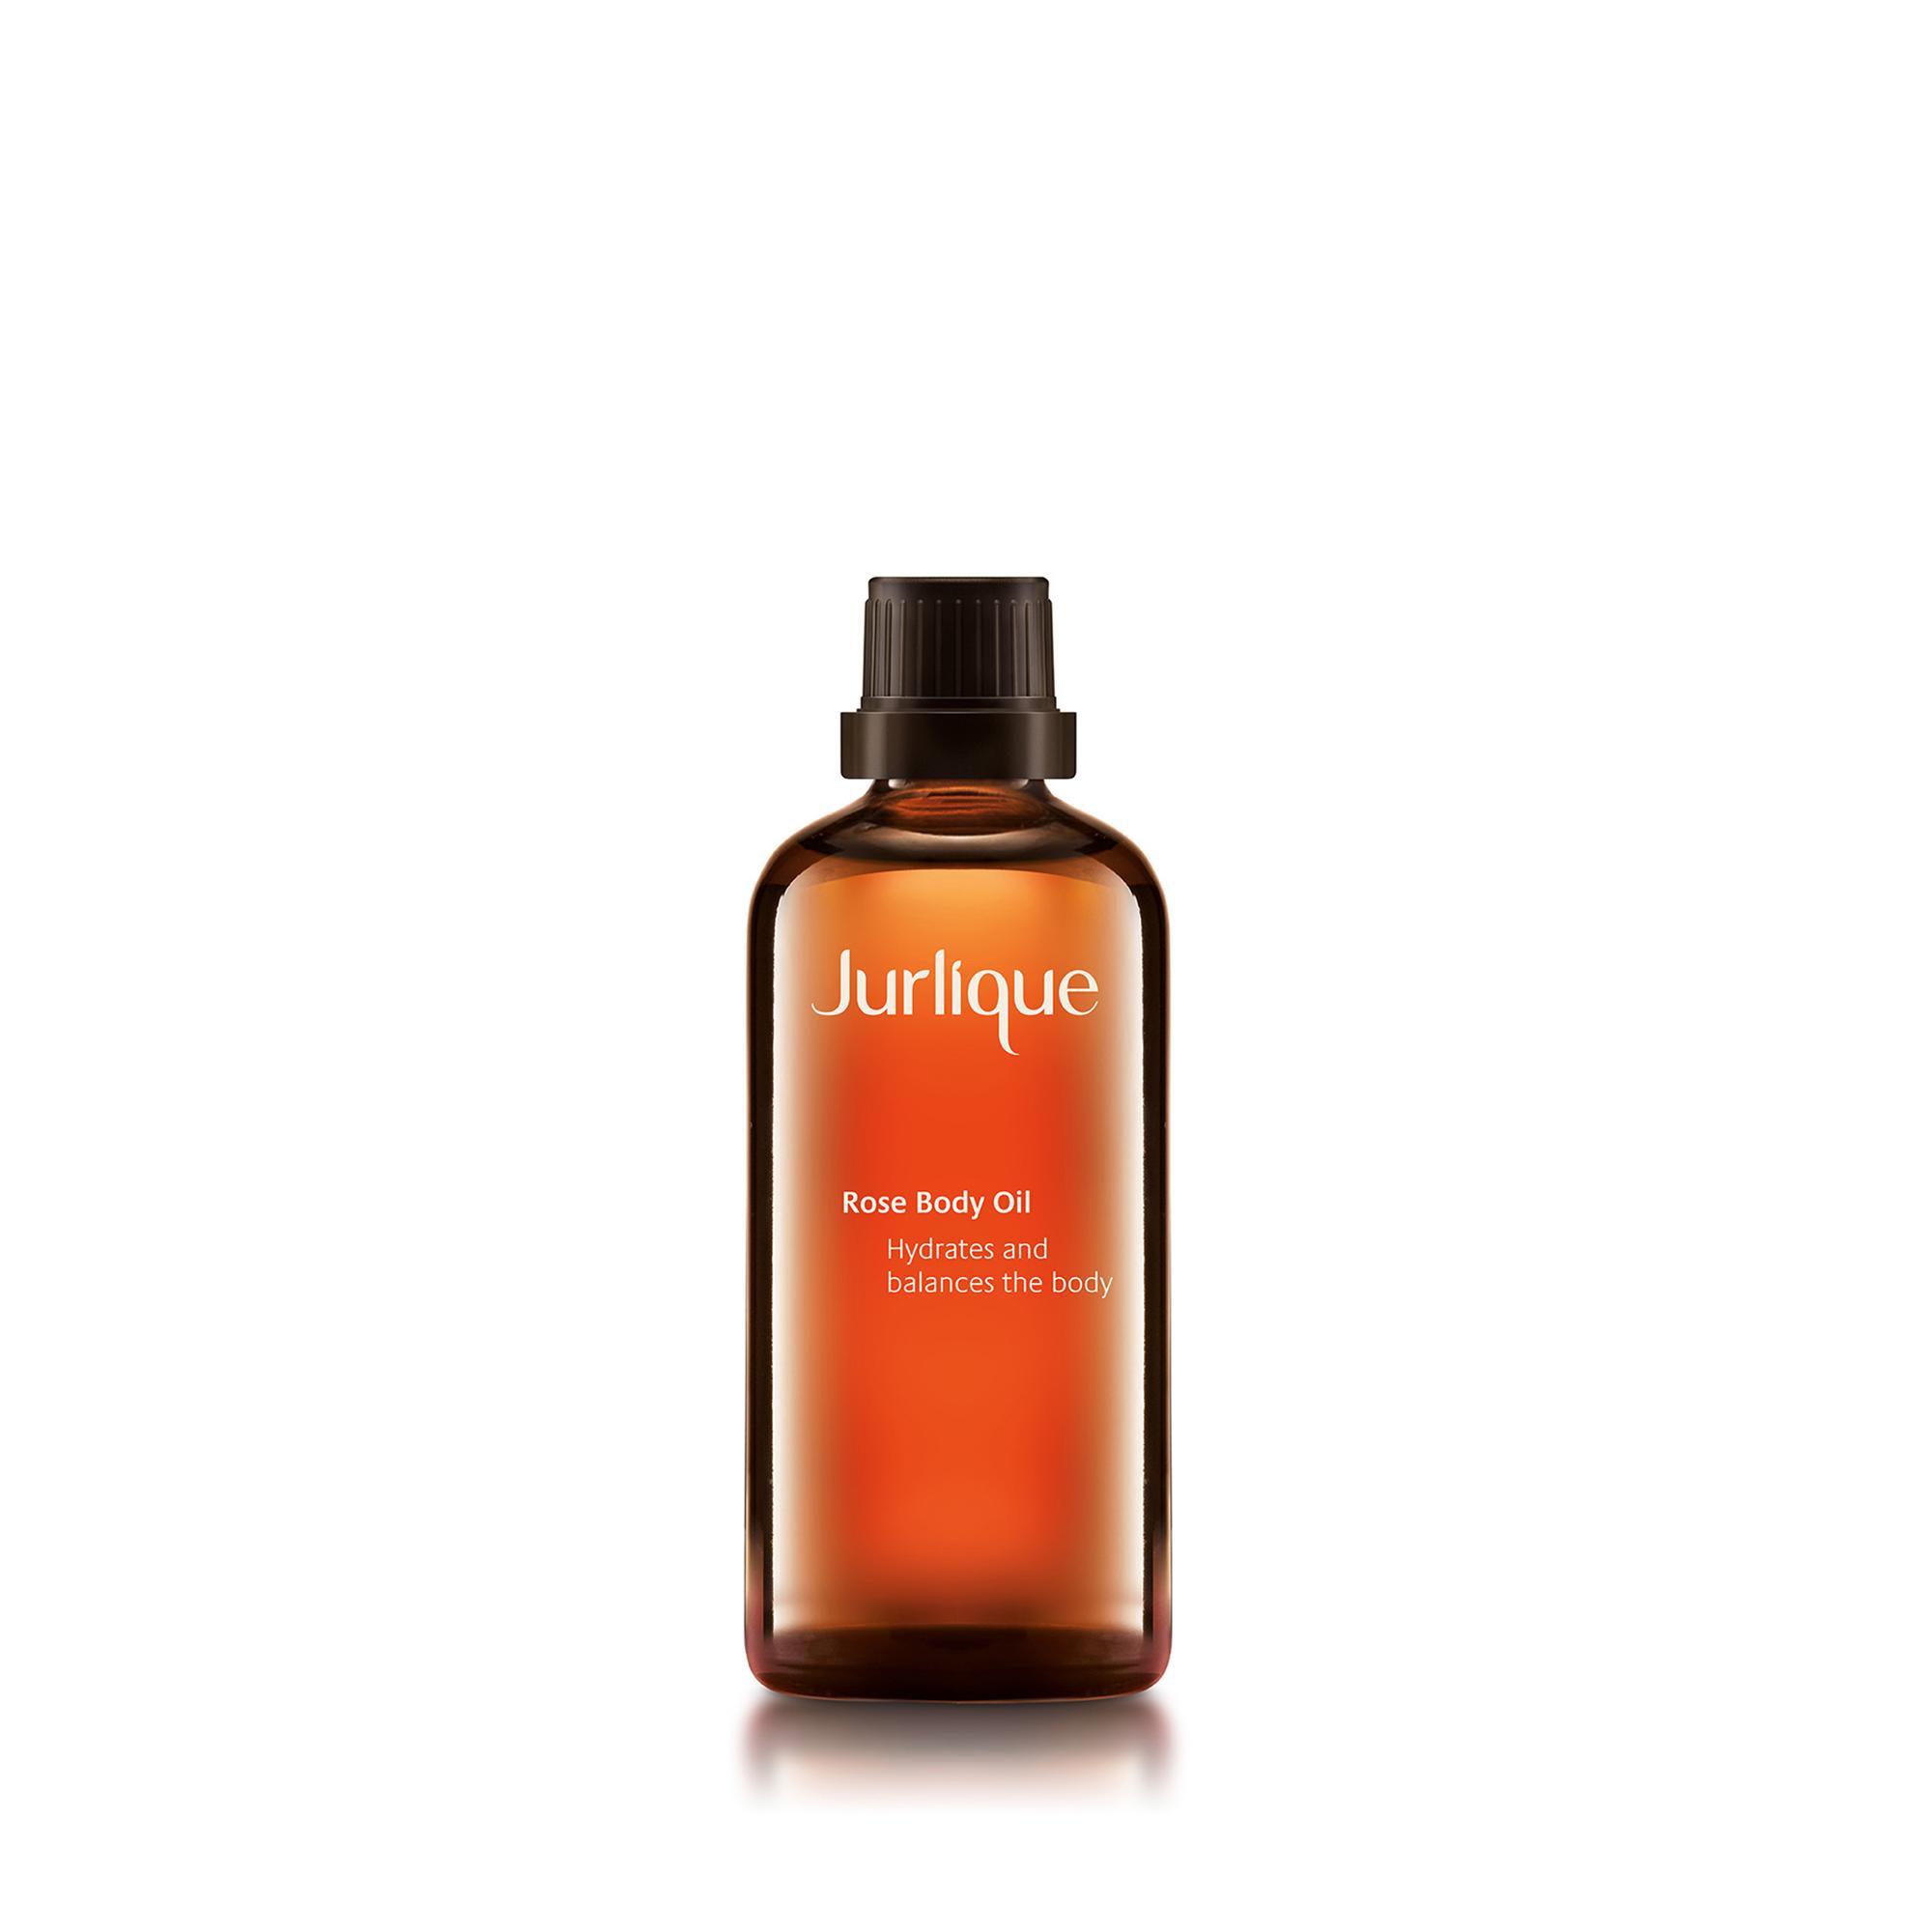 Jurlique Rose Body Oil, 100 ml